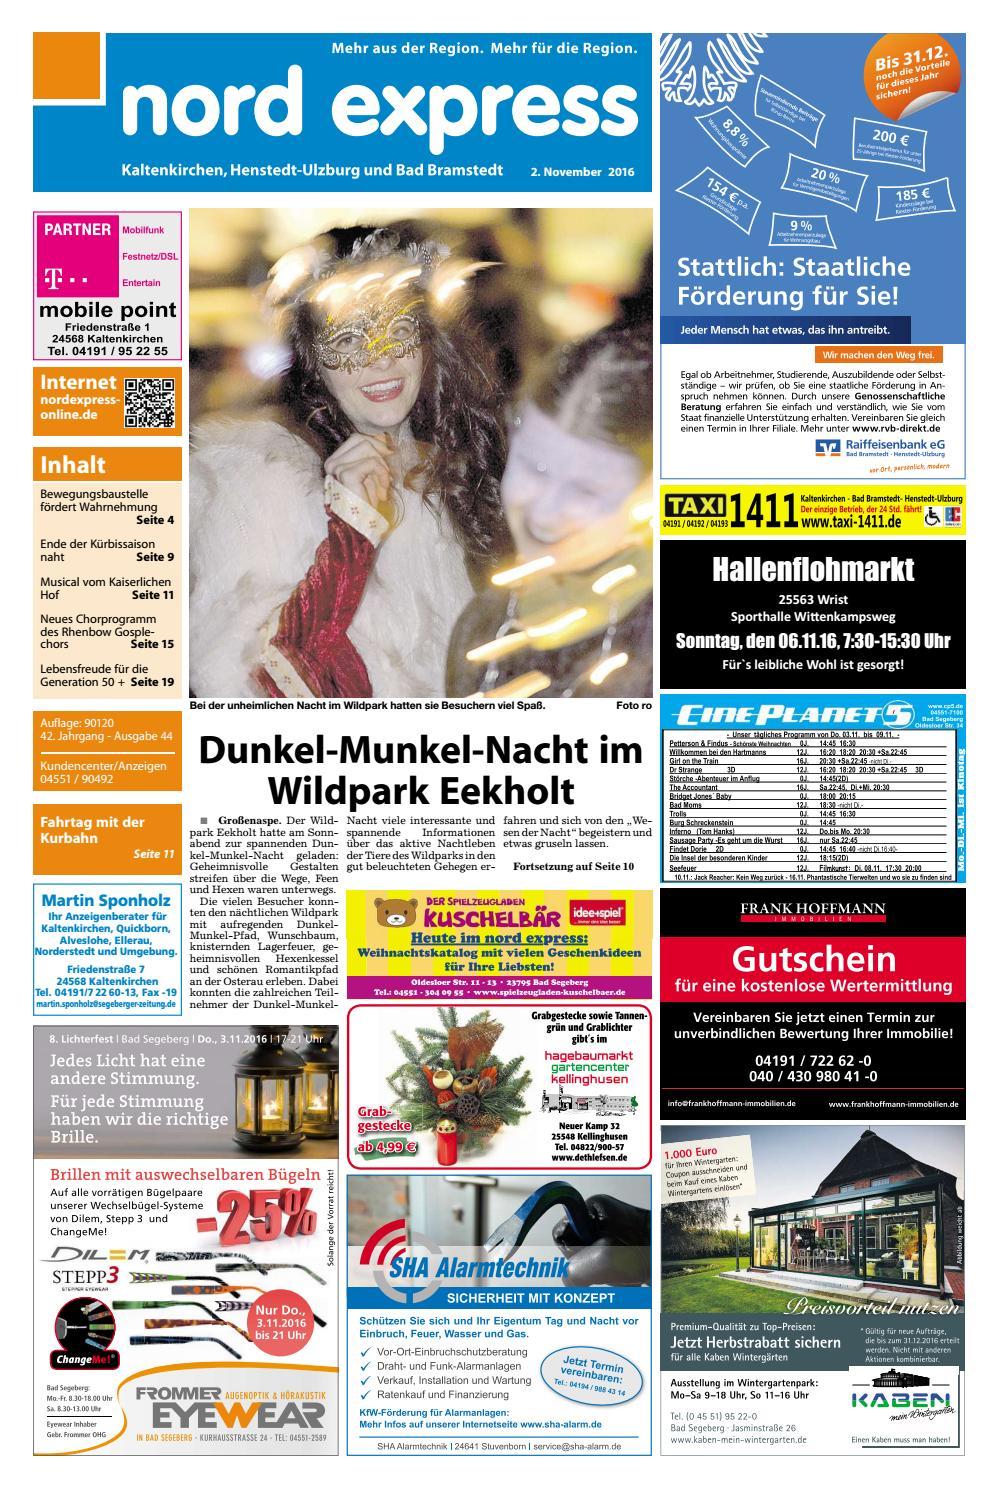 nord express Westen by nordexpress-online.de - issuu